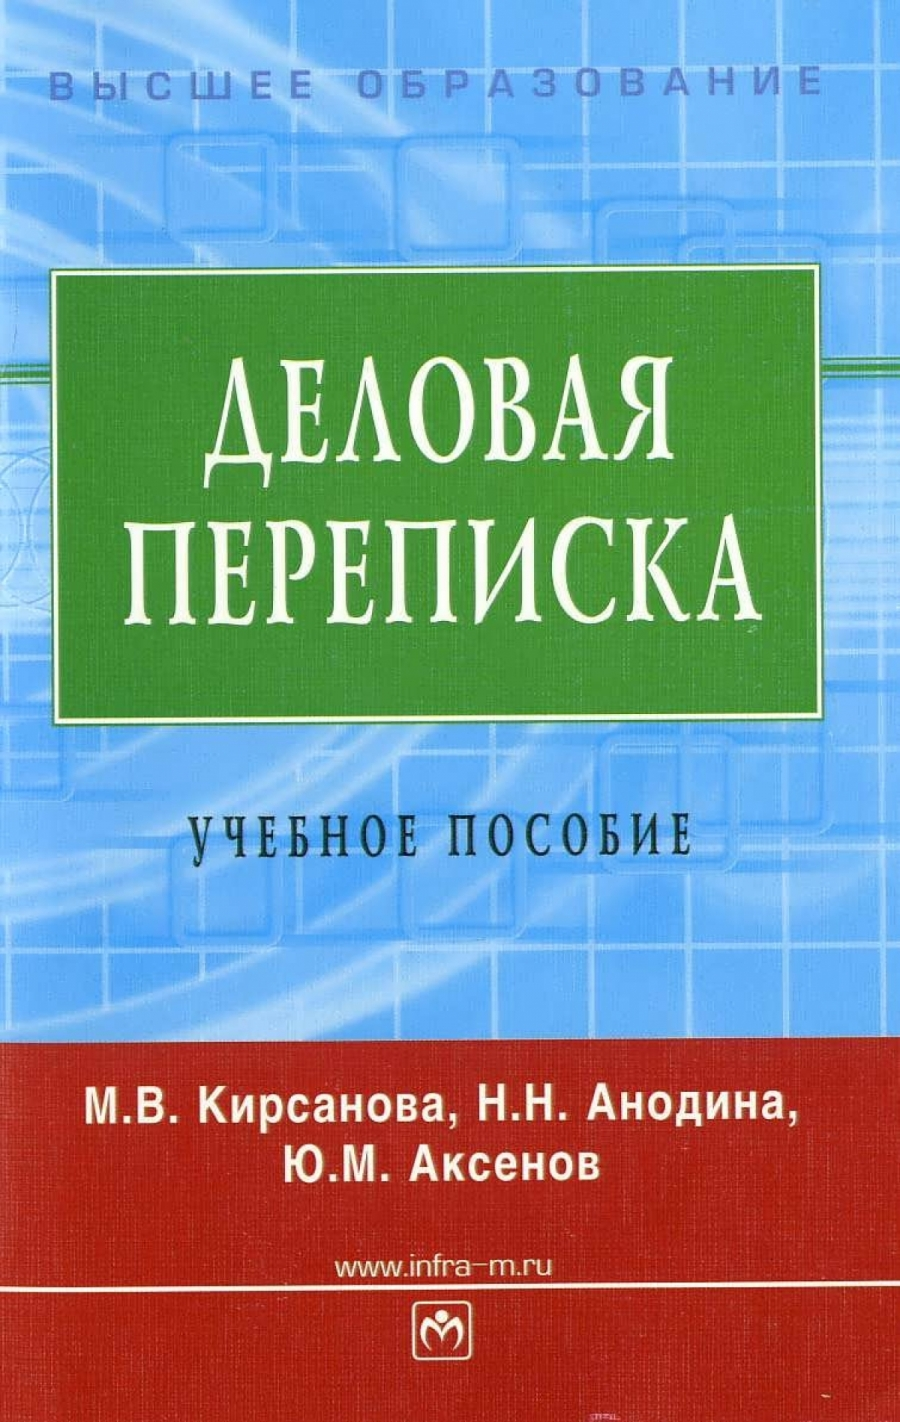 Обложка книги:  кирсанова м. в. - деловая переписка учебное пособие (3-е издание).